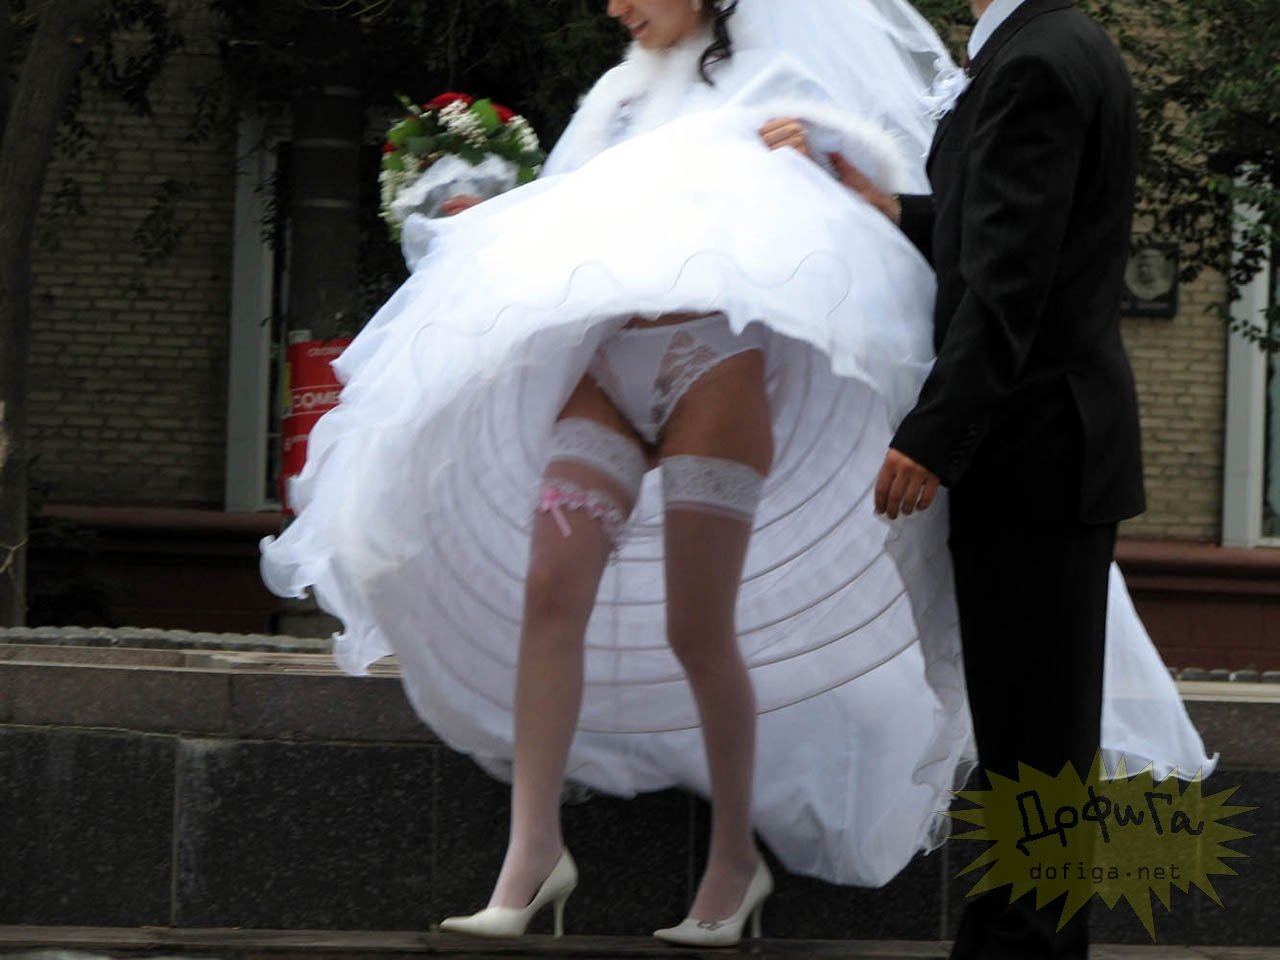 Частное фото у невесты под платьем 19 фотография